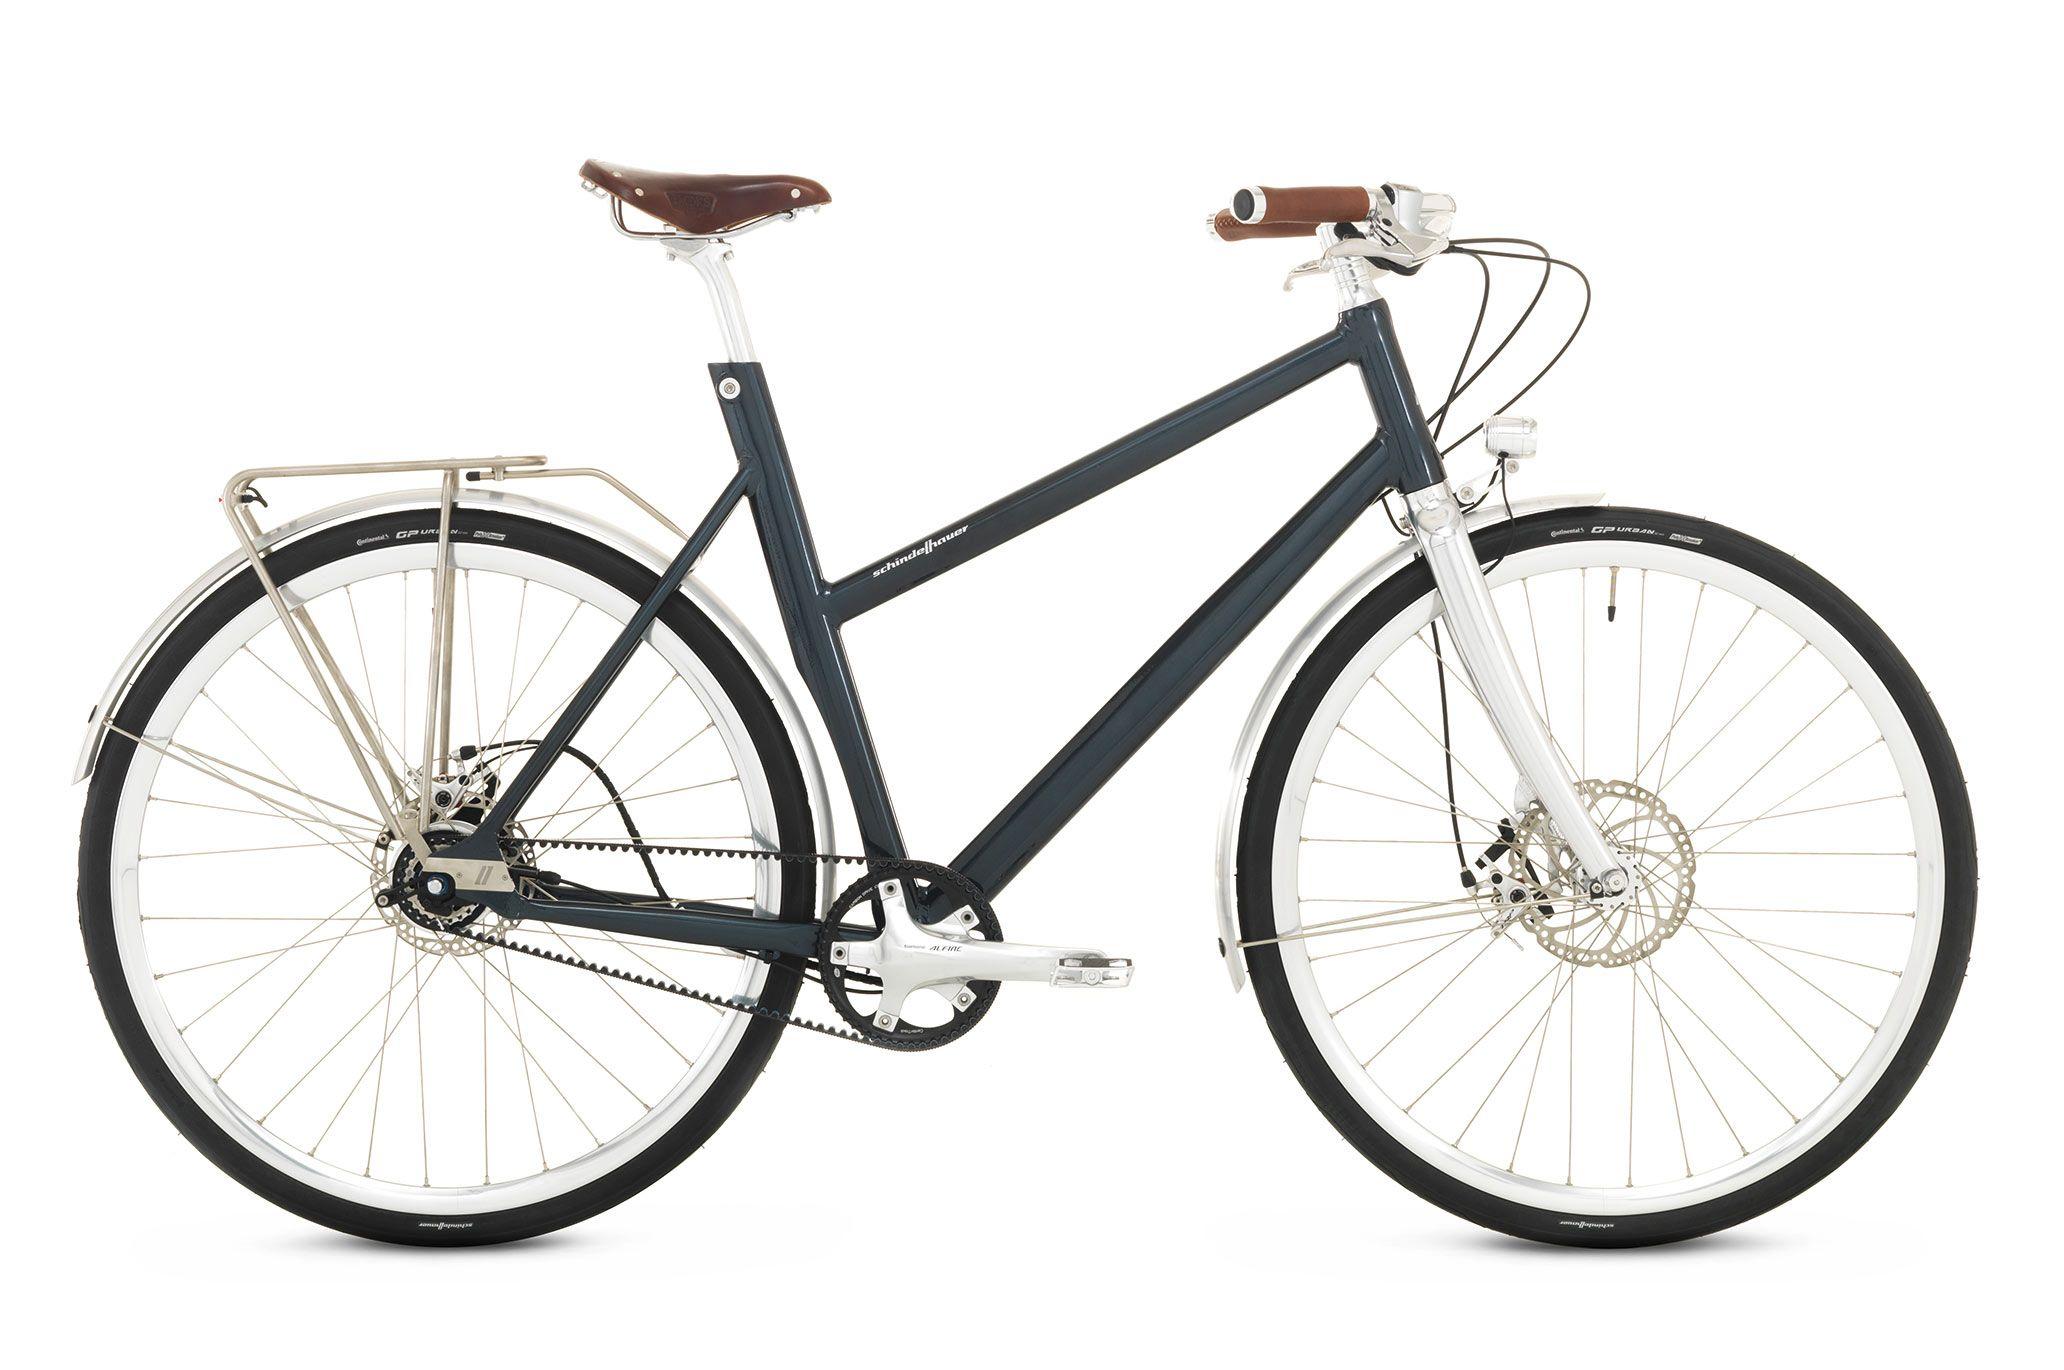 Frieda Schindelhauer Bikes Fahrrad Radeln Rad